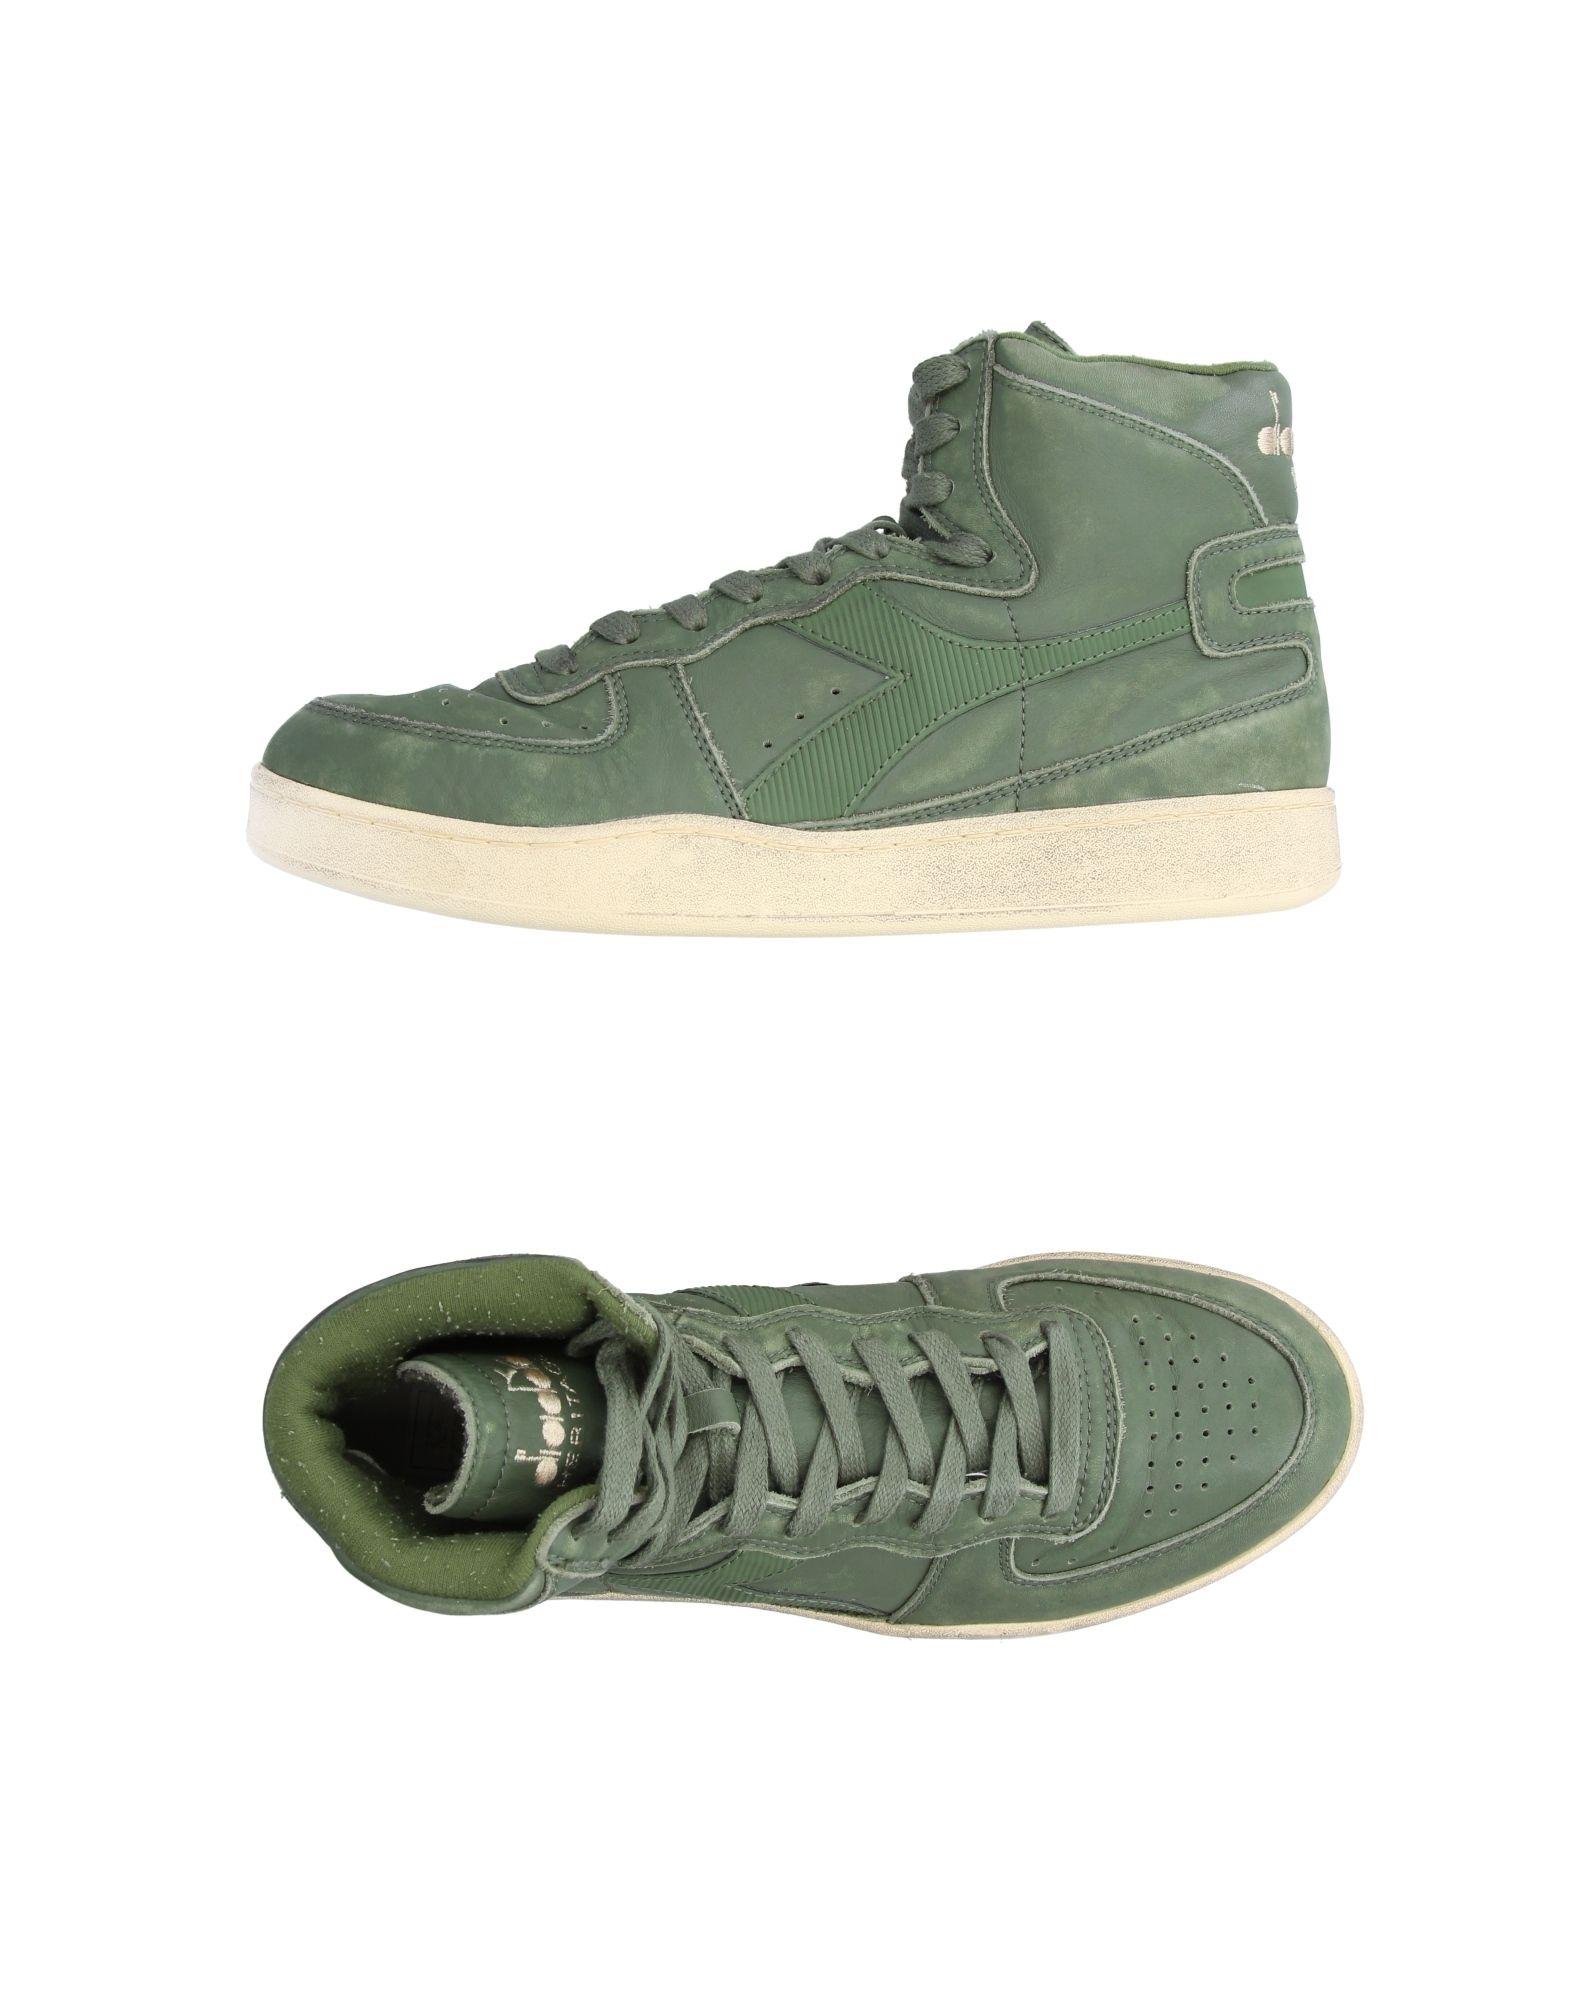 Diadora Heritage Sneakers Sneakers Sneakers - Men Diadora Heritage Sneakers online on  Canada - 11231424EJ aff7da